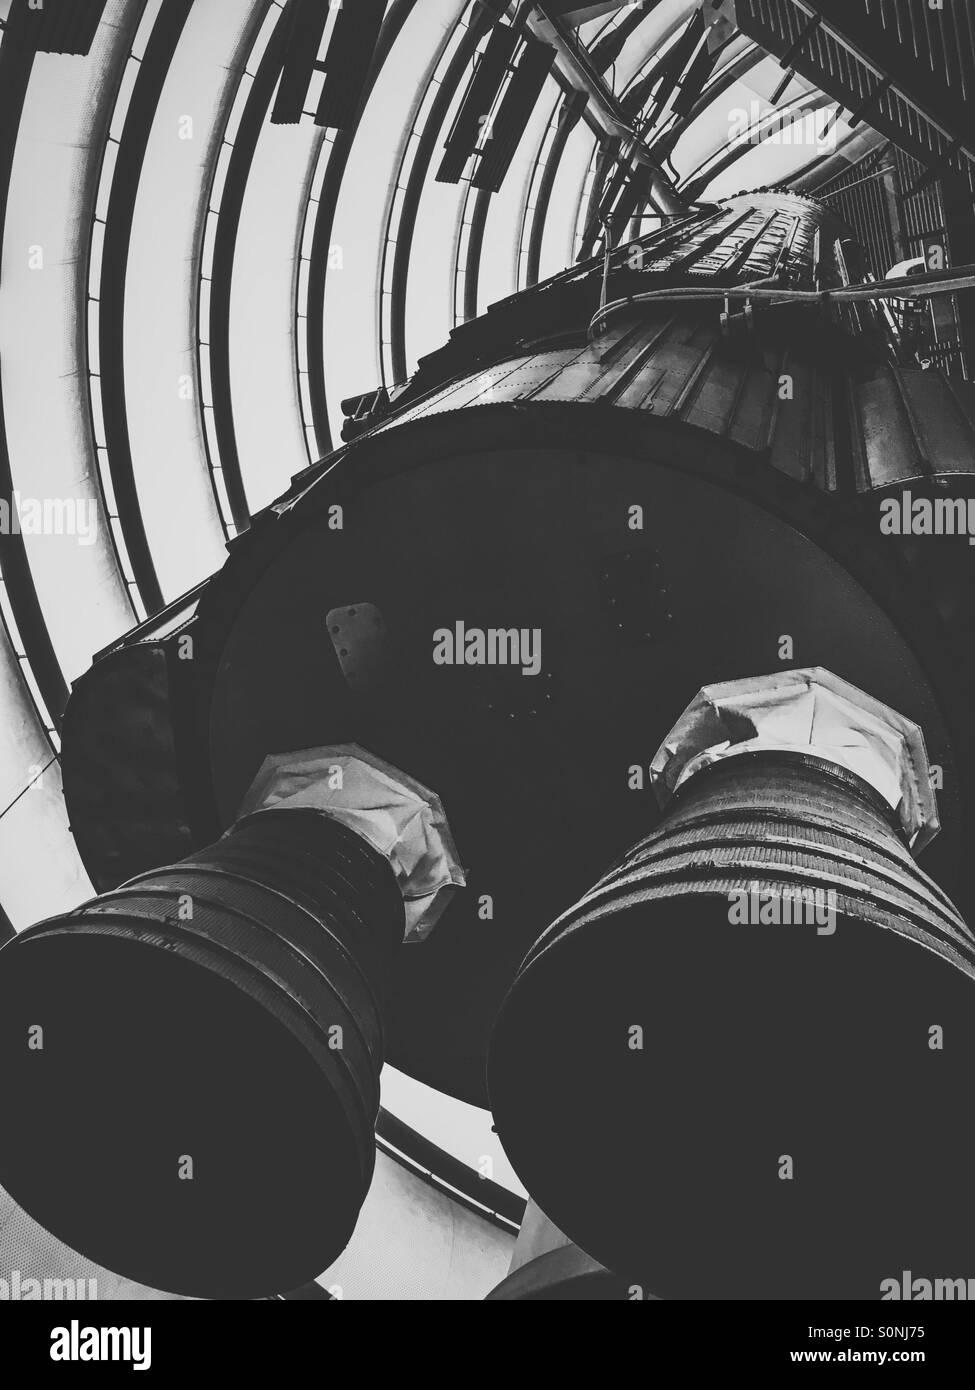 Rocket Booster Stockbild